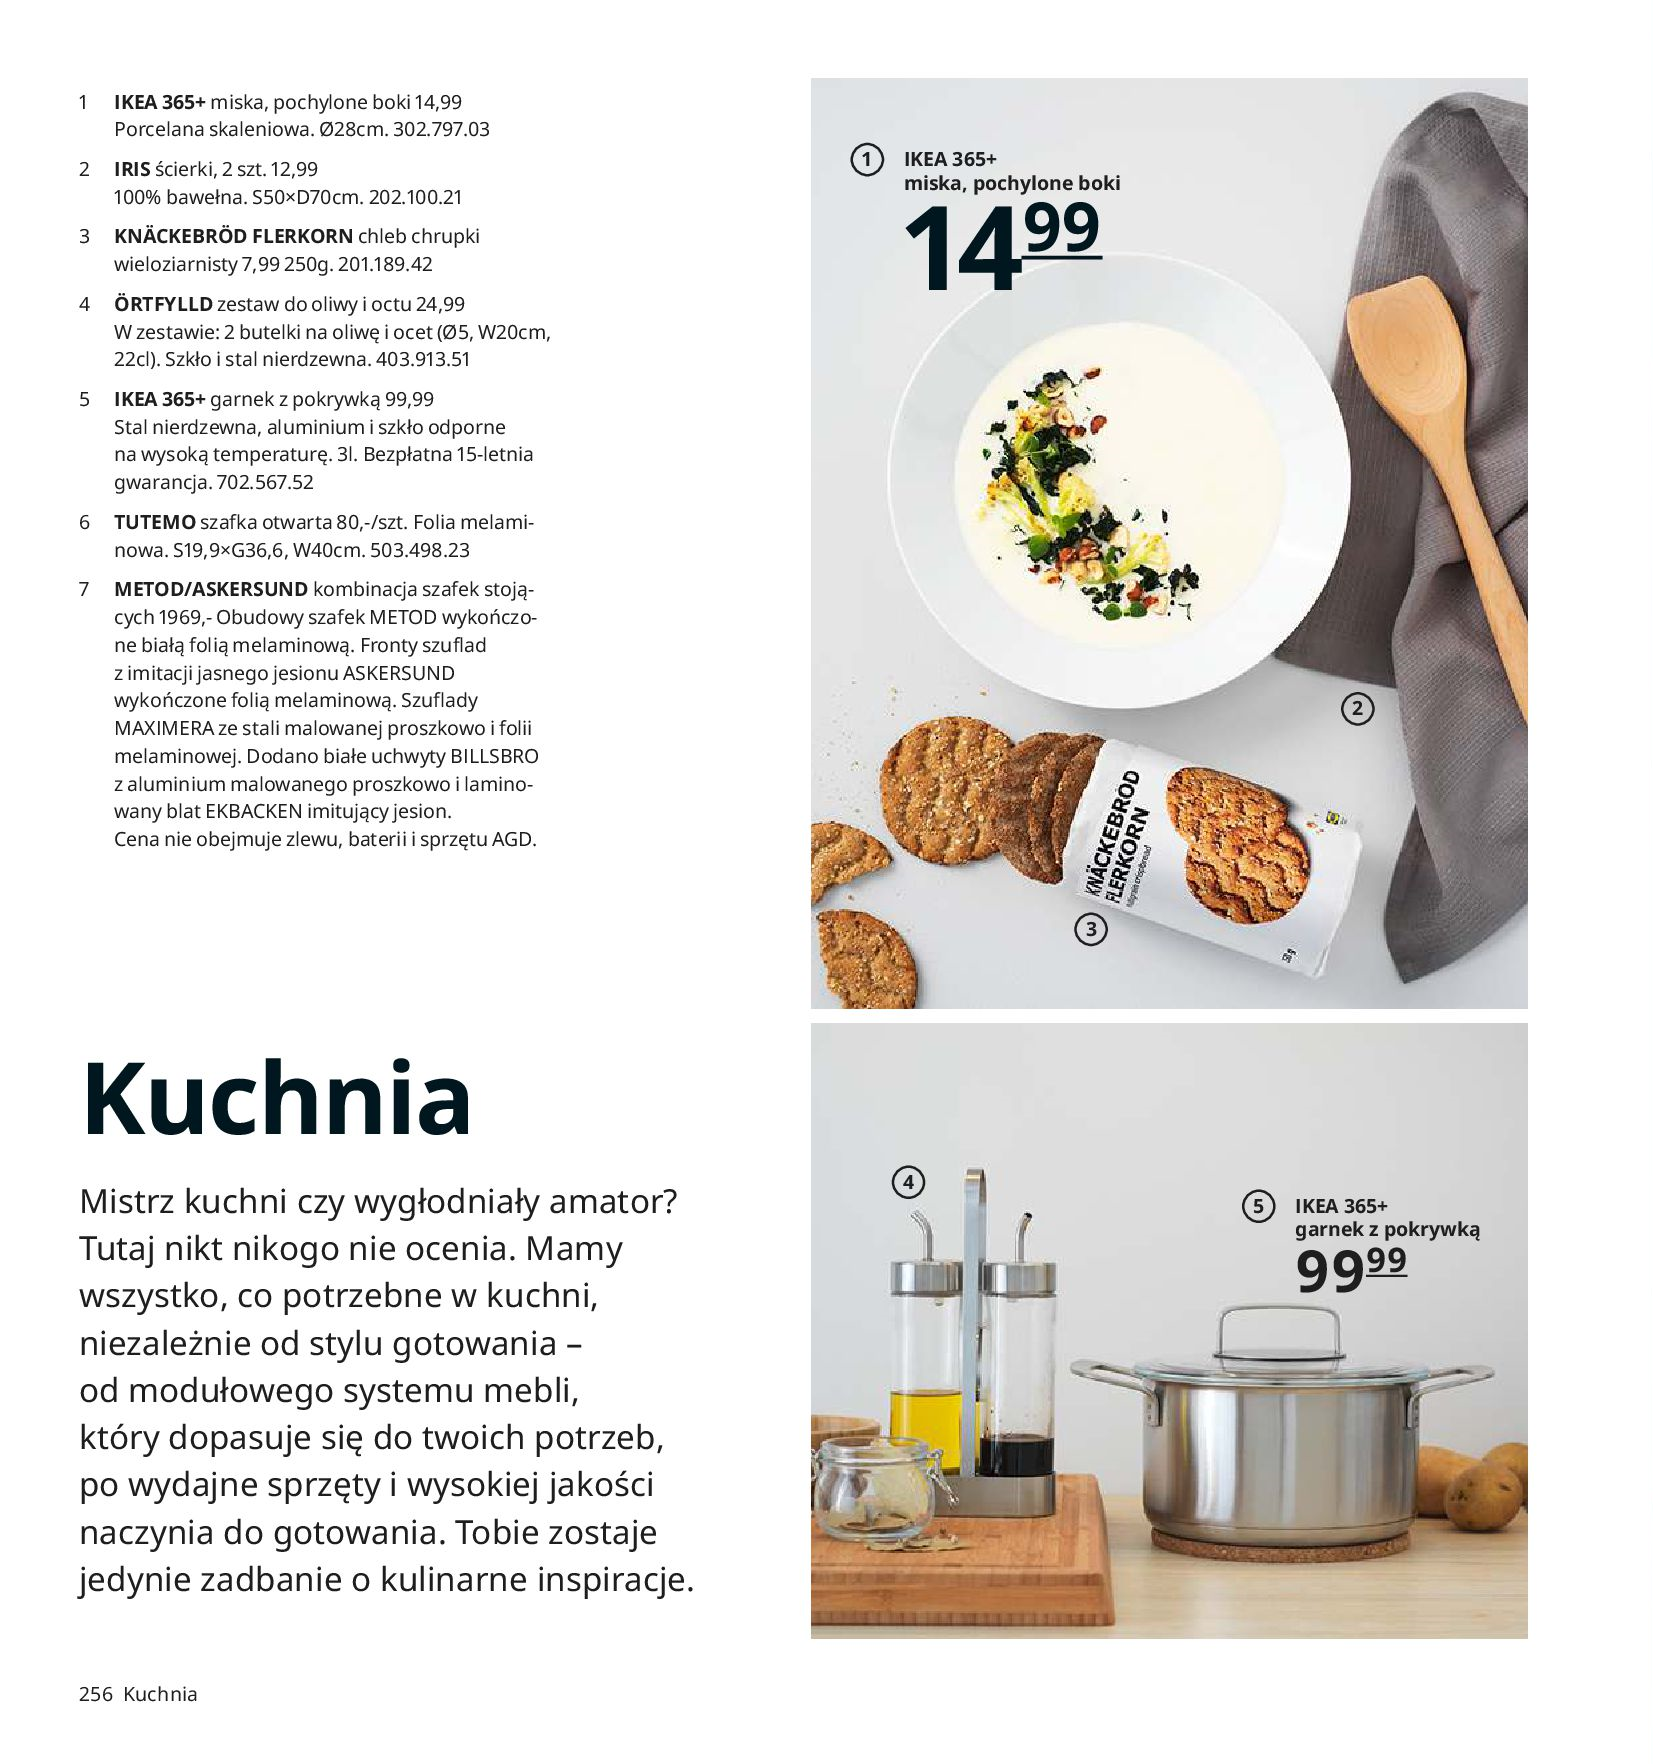 Gazetka IKEA - Katalog IKEA 2020-25.08.2019-31.07.2020-page-256